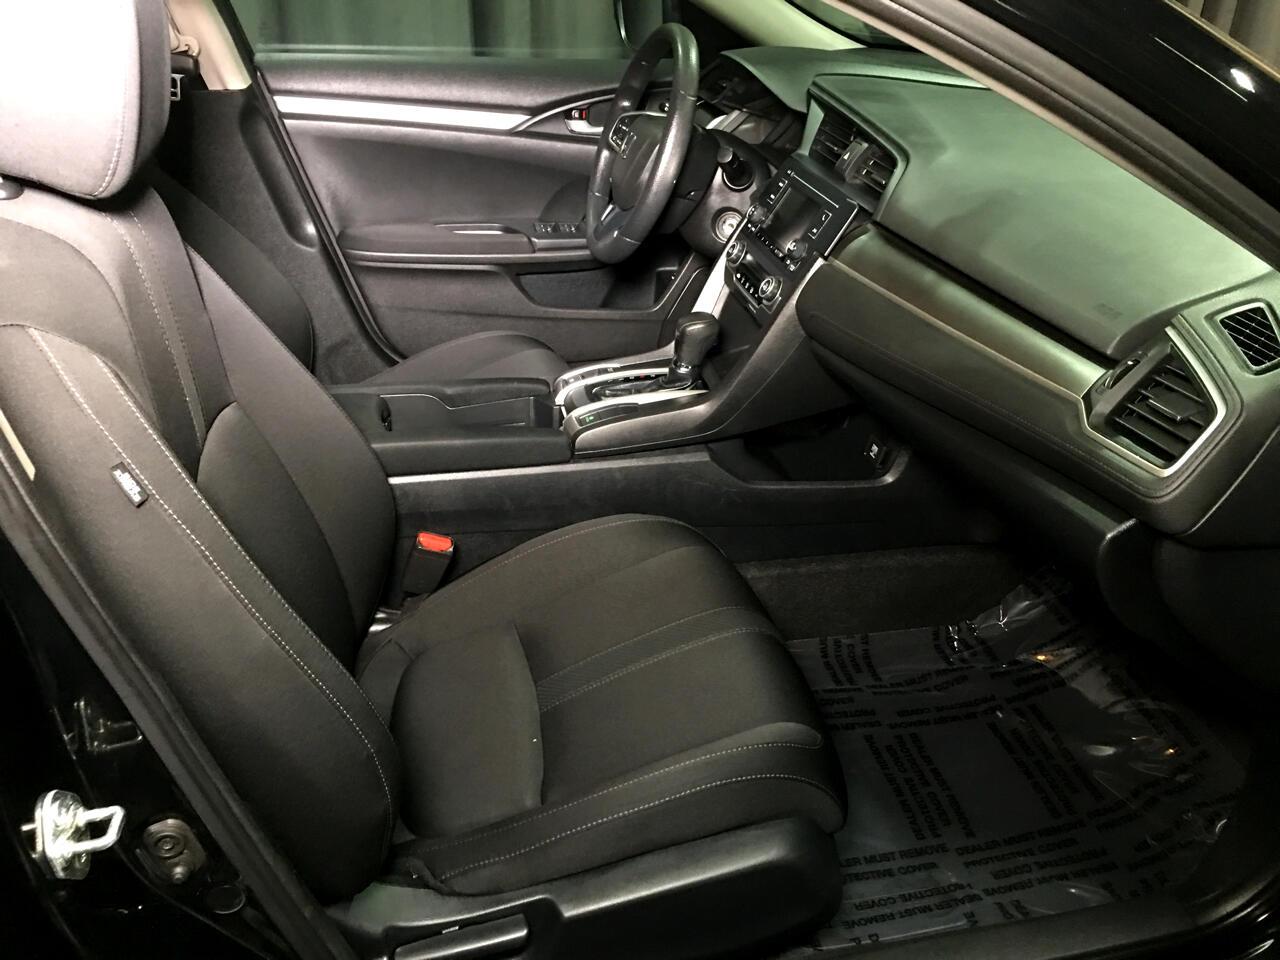 Pre-Owned 2017 Honda Civic Sedan LX CVT